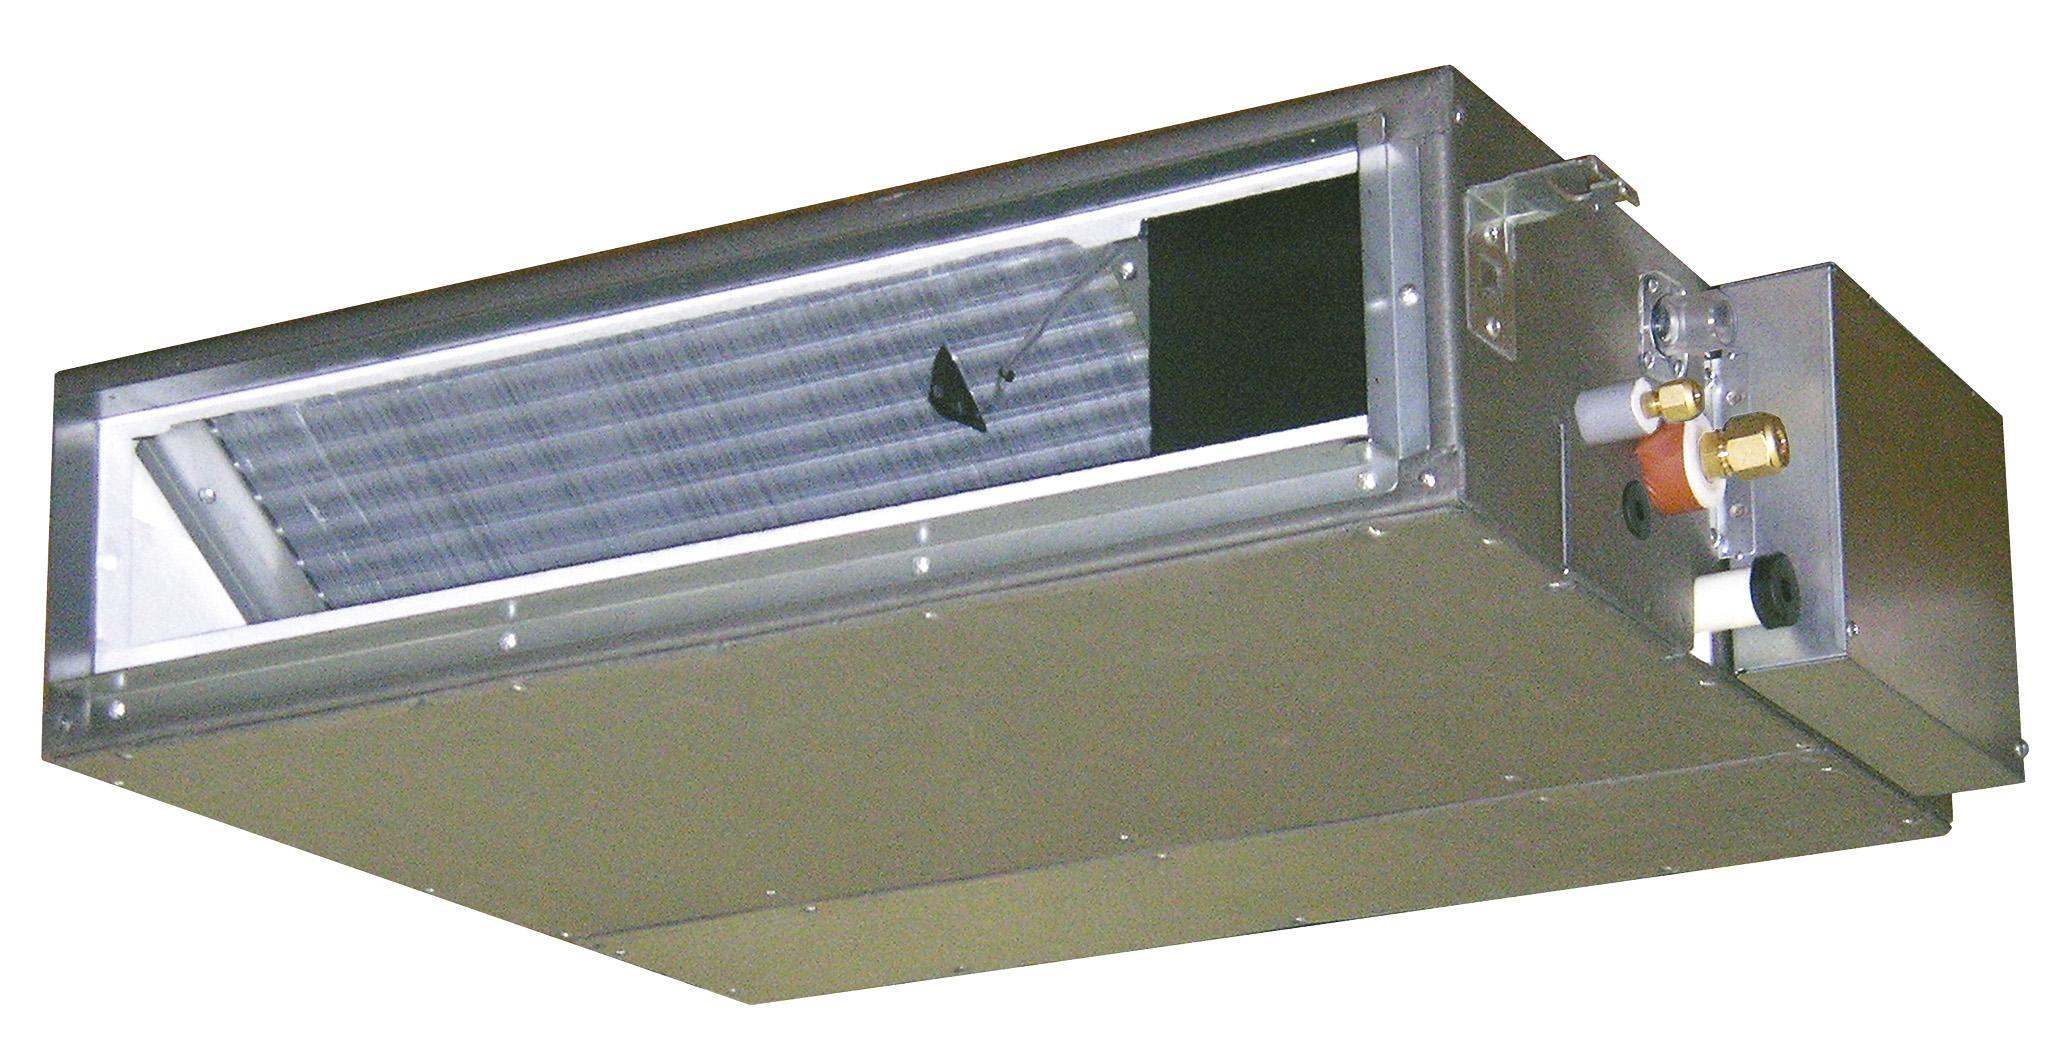 Aria Condizionata Canalizzata cimatizzatori canalizzati da installare a soffitto. modelli